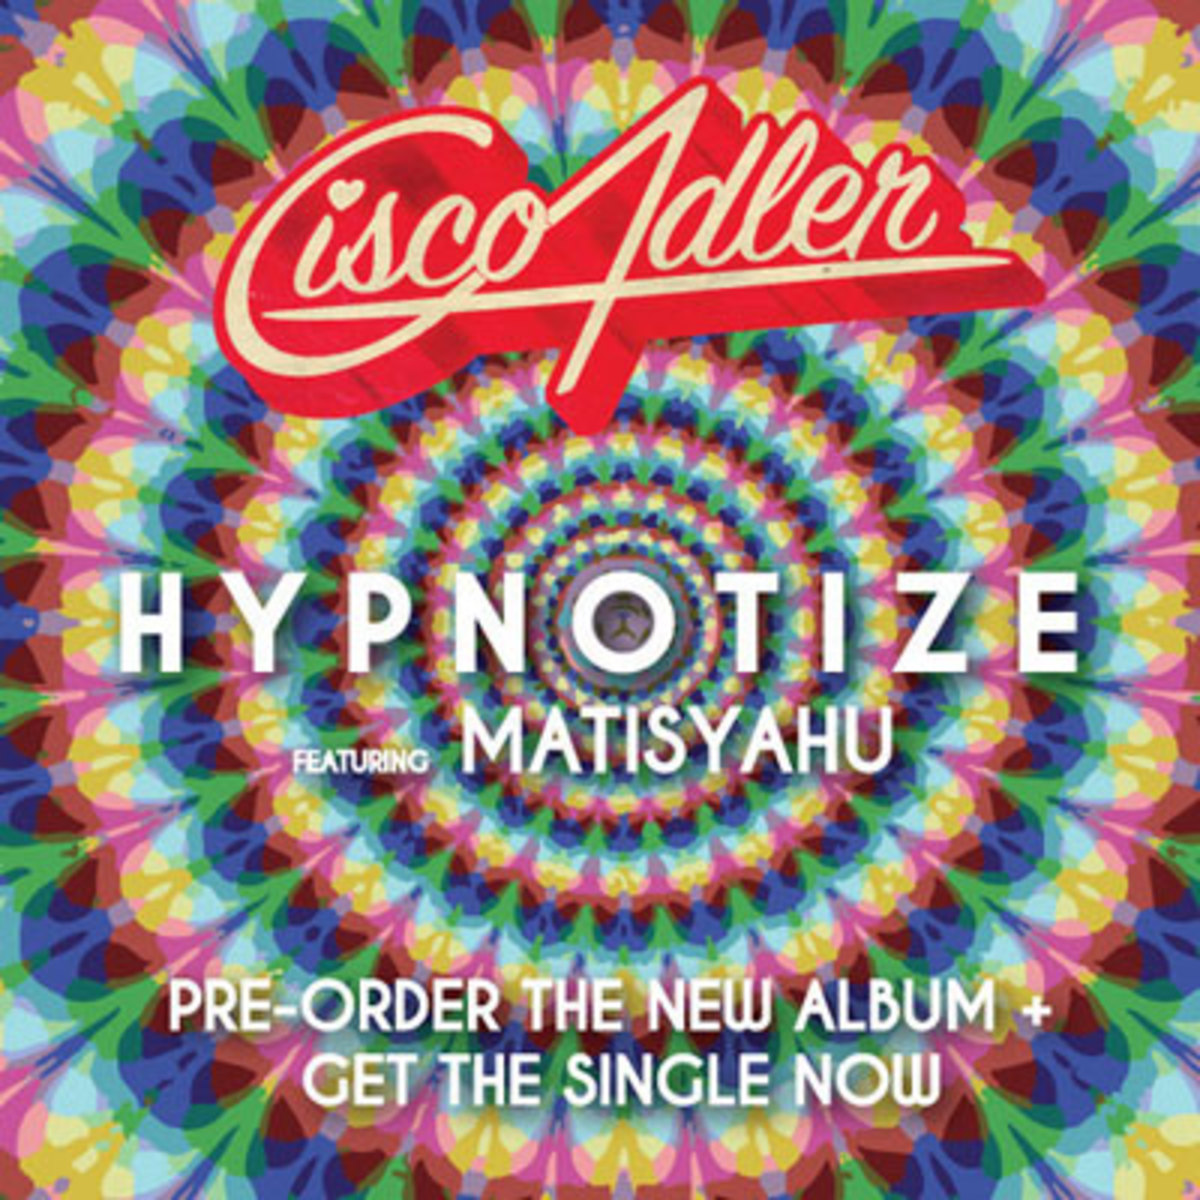 ciscoadler-hypnotize.jpg